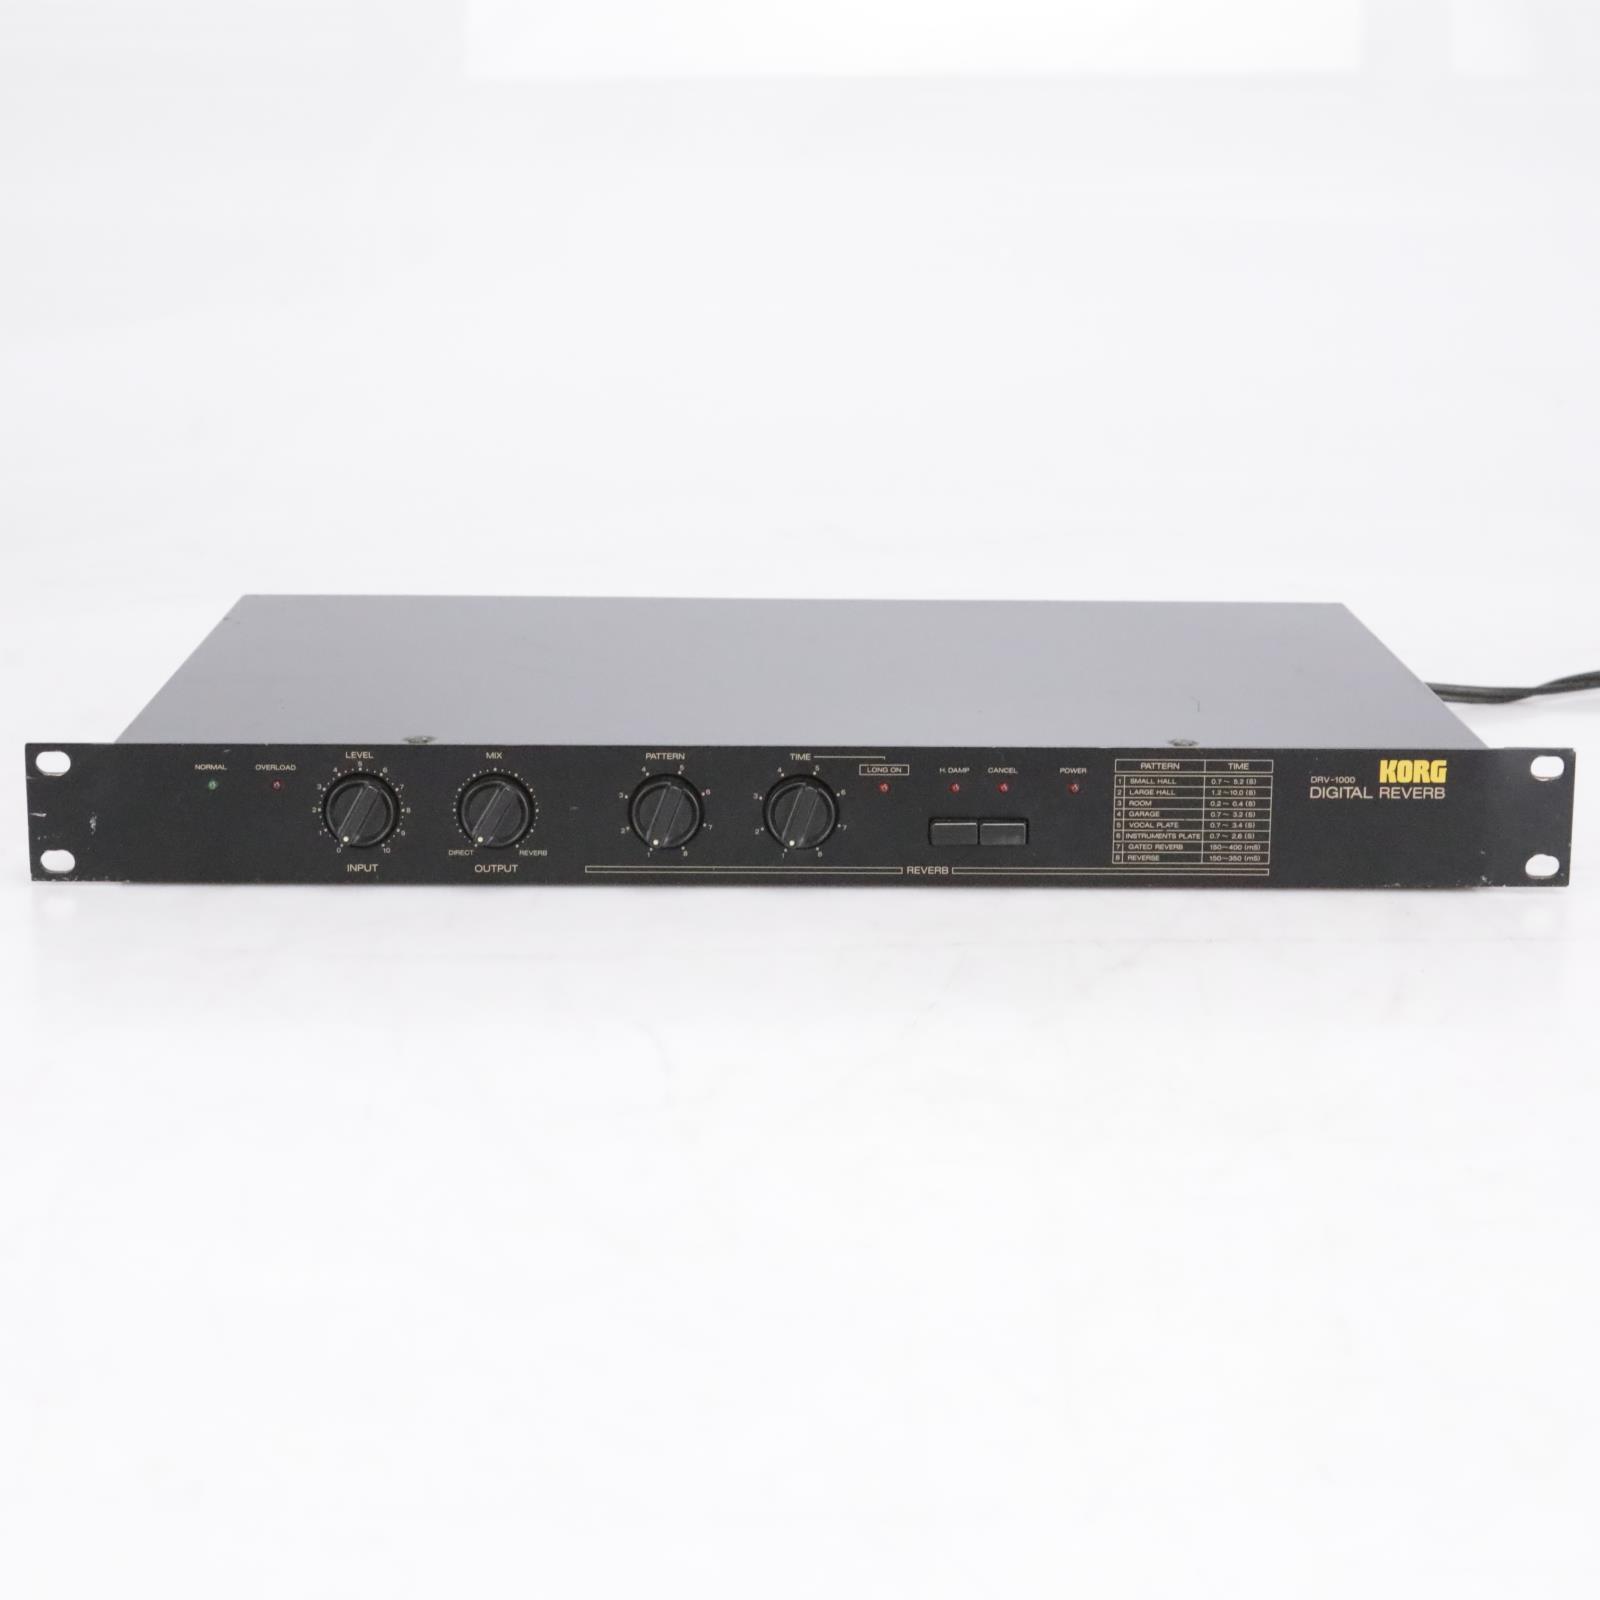 KORG DRV-1000 Digital Reverb Effect Rack #42492